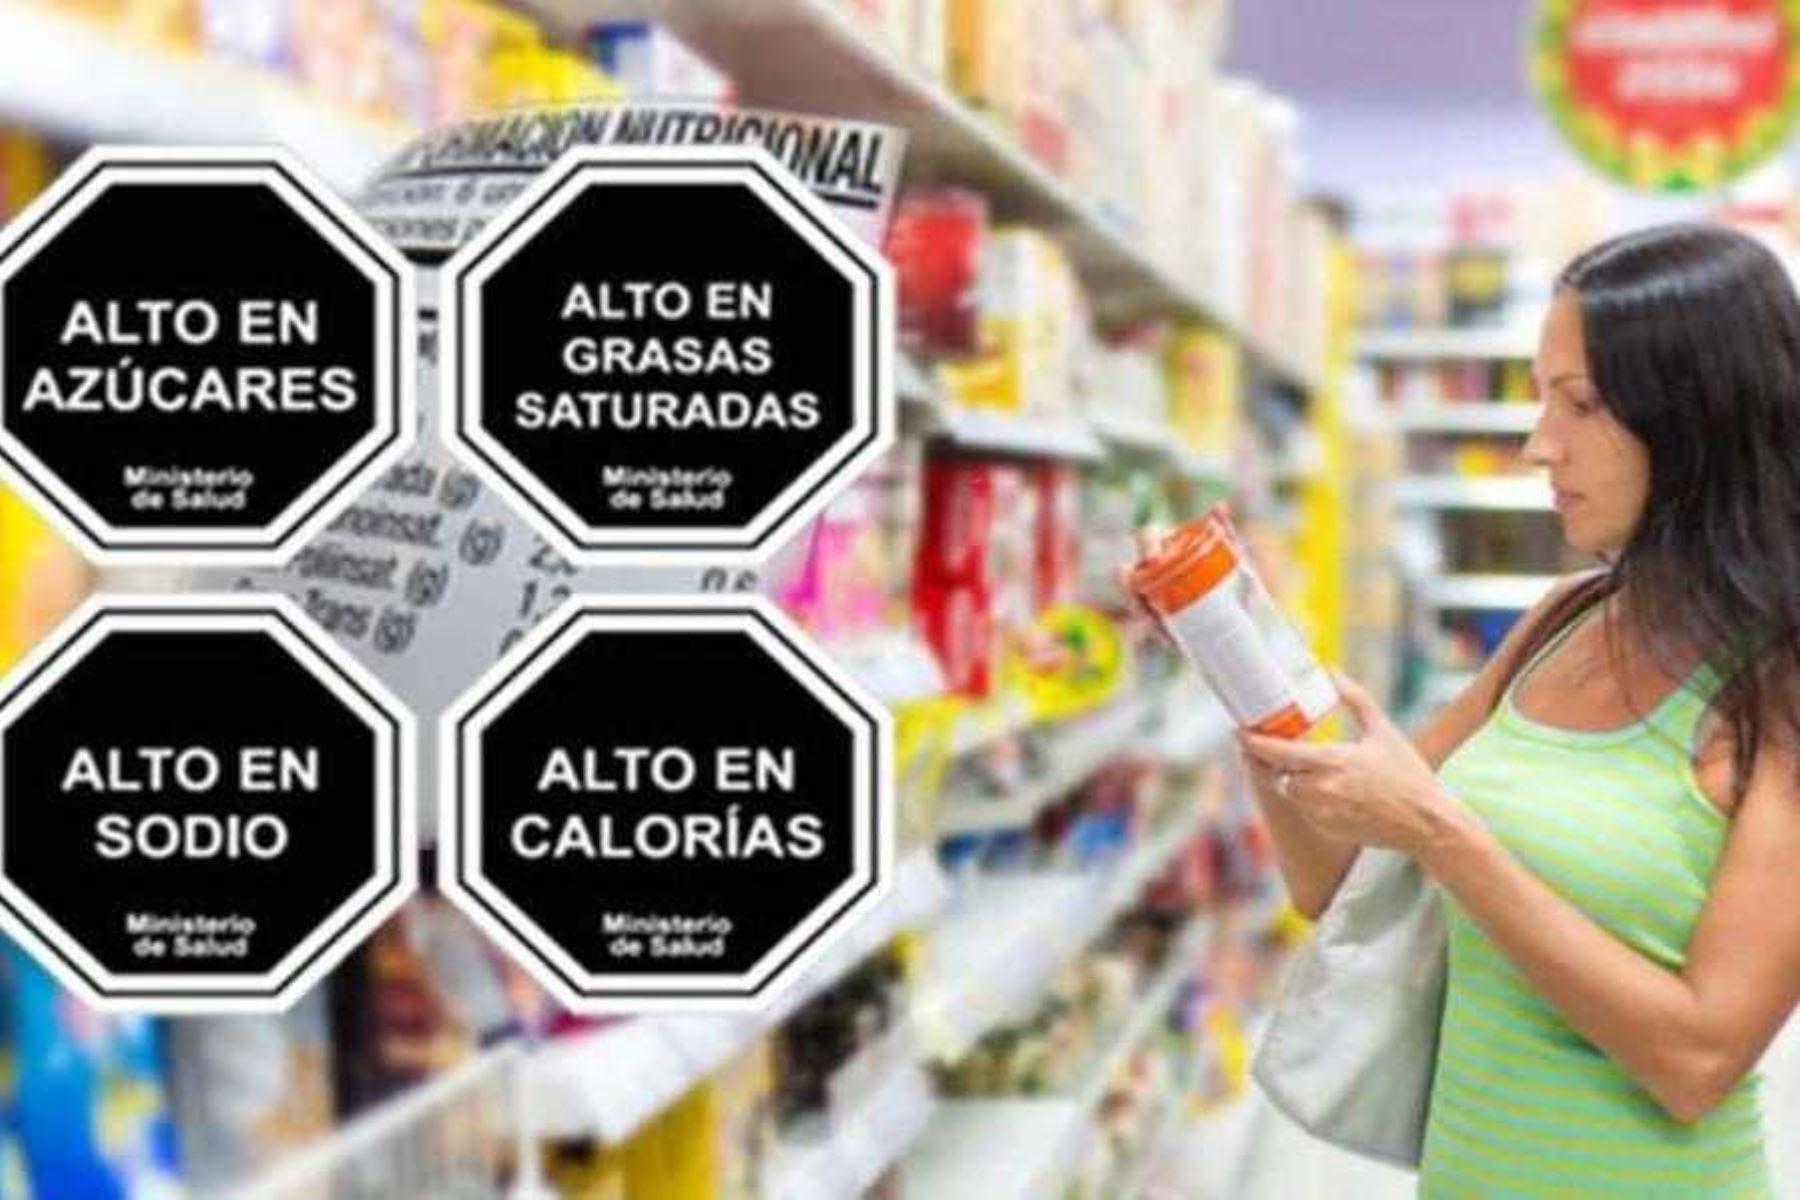 Nuevos parámetros para colocación de 'octógonos' en etiquetas de alimentos y bebidas